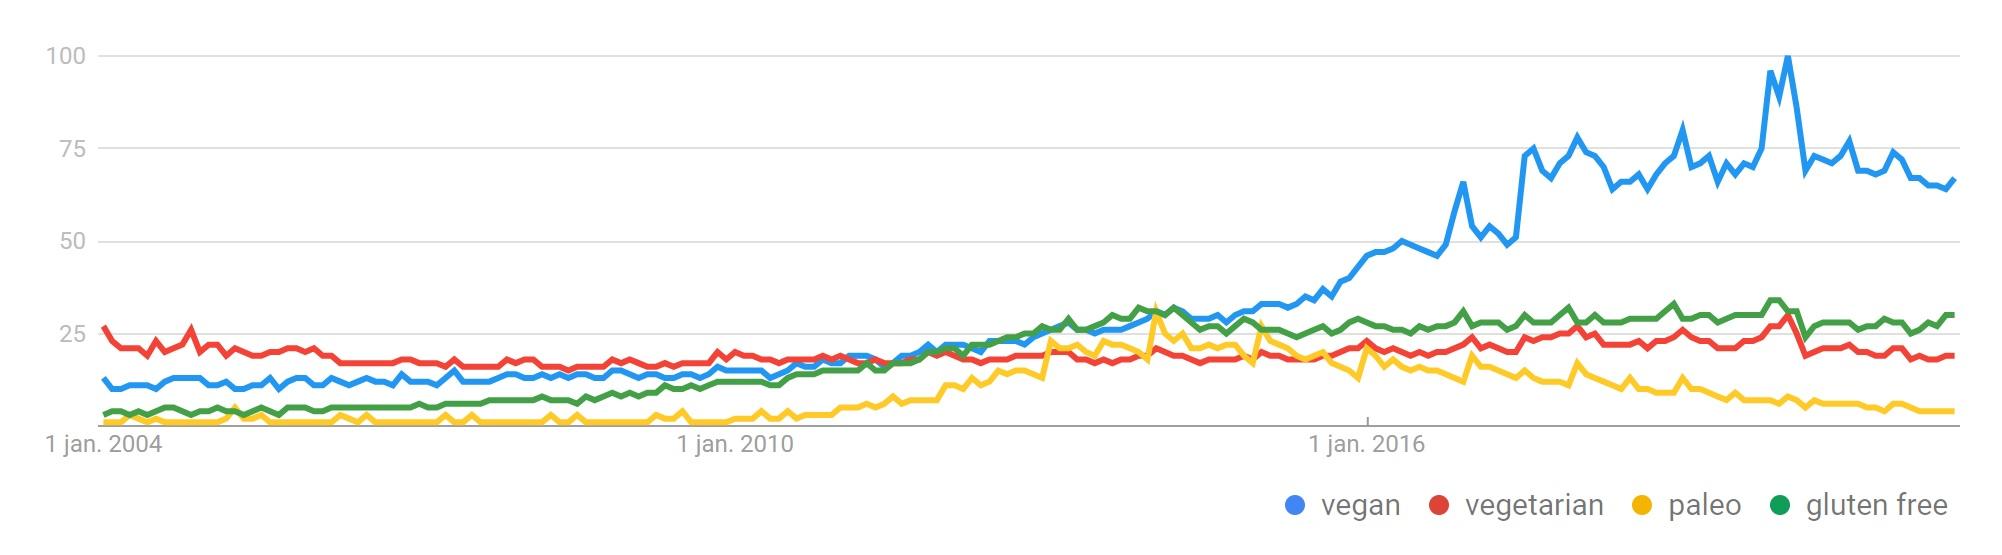 Google trends vegan worldwide